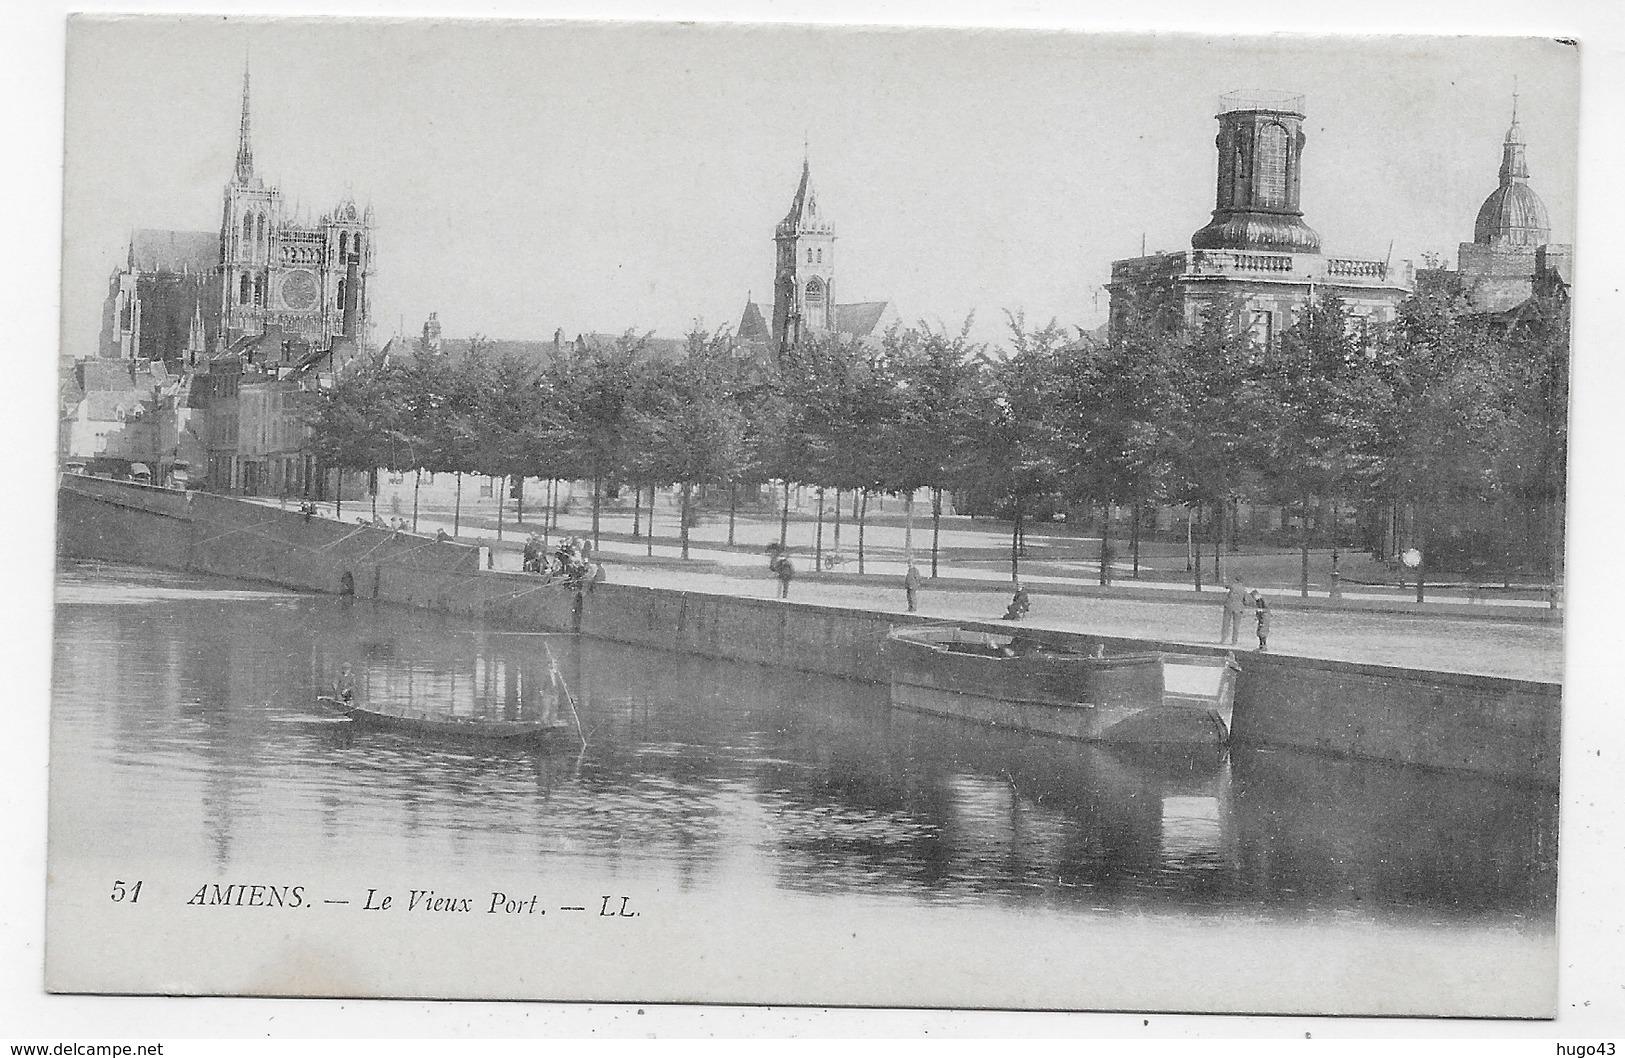 AMIENS - N° 51 - LE VIEUX PORT - CPA NON VOYAGEE - Amiens